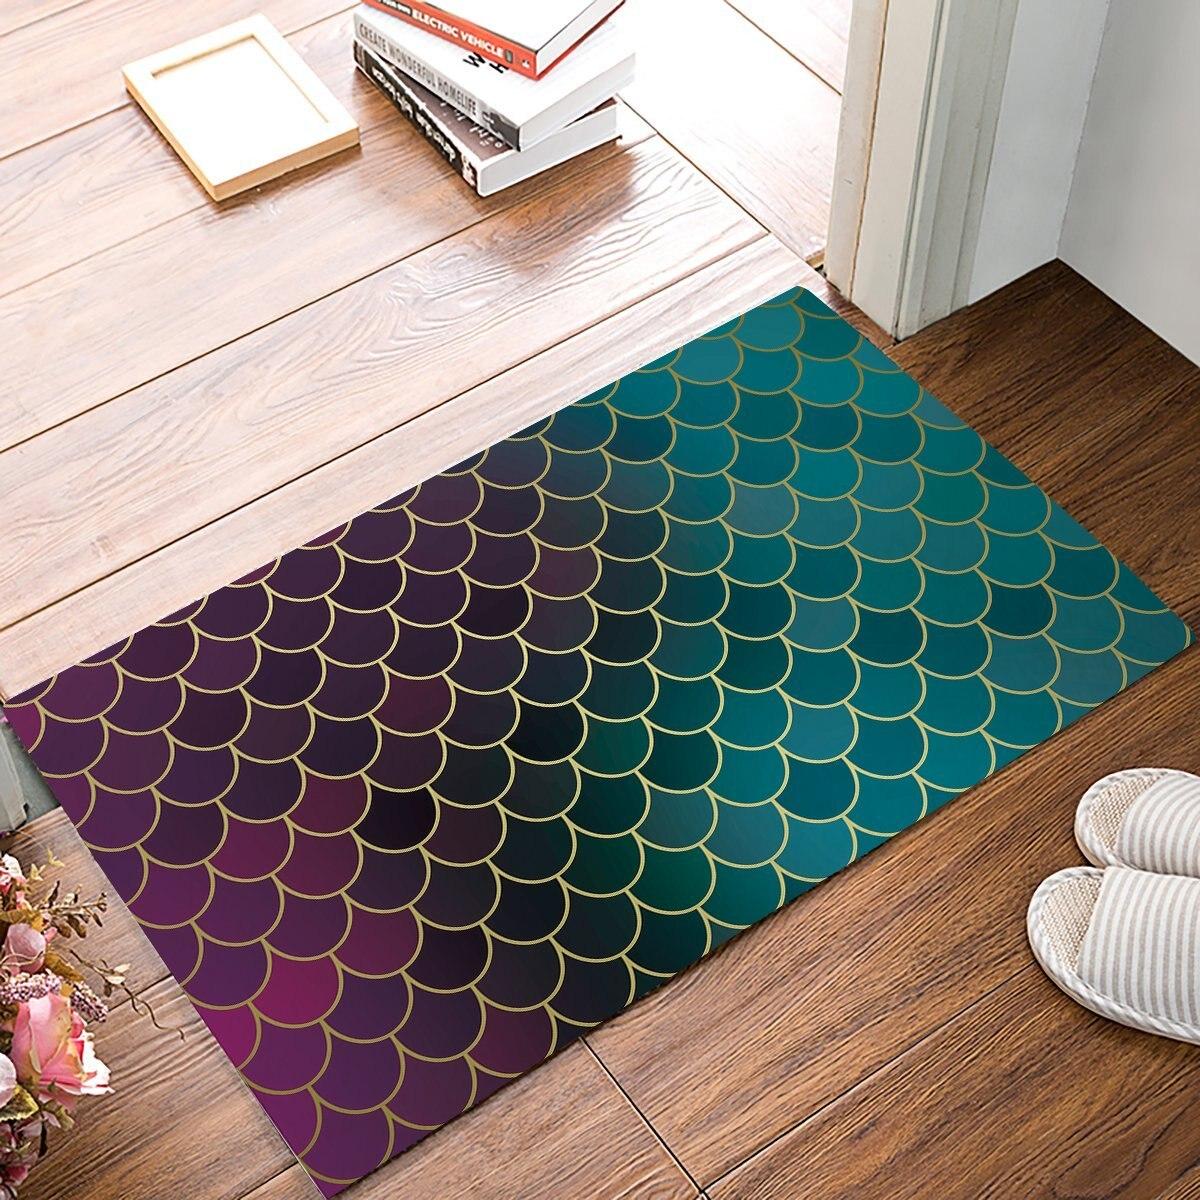 Gradient Fish Scale Door Mats Kitchen Floor Bath Entrance Rug Mat Absorbent Indoor Bathroom Rubber Non Slip